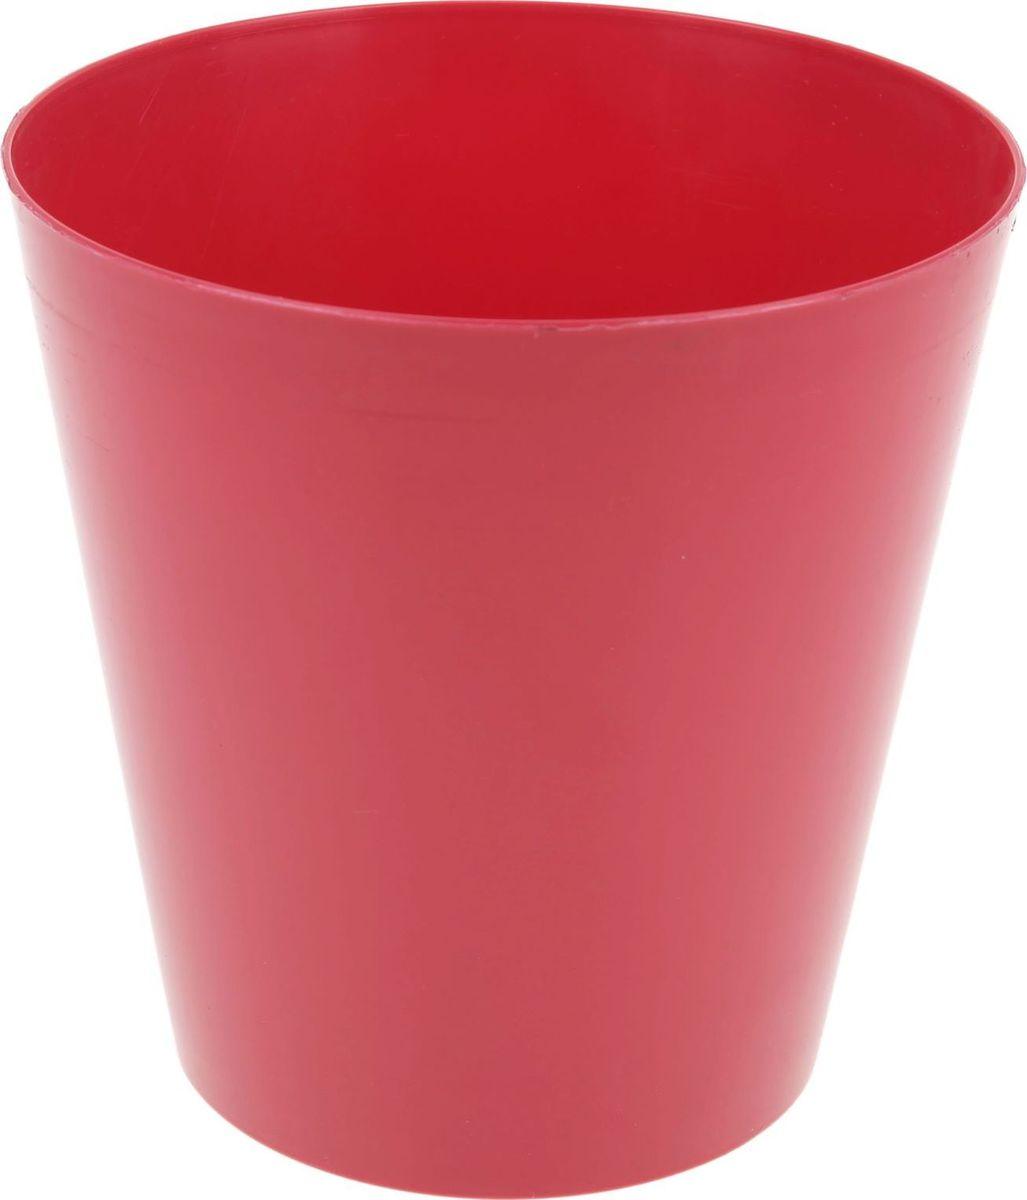 Кашпо Form plastic Вулкано, цвет: ягодный, 19 х 19 х 19 см531-105Любой, даже самый современный и продуманный интерьер будет не завершённым без растений. Они не только очищают воздух и насыщают его кислородом, но и заметно украшают окружающее пространство. Такому полезному члену семьи просто необходимо красивое и функциональное кашпо, оригинальный горшок или необычная ваза! Мы предлагаем - Кашпо 19 см Вулкано, цвет ягодный! Оптимальный выбор материала пластмасса! Почему мы так считаем? -Малый вес. С лёгкостью переносите горшки и кашпо с места на место, ставьте их на столики или полки, подвешивайте под потолок, не беспокоясь о нагрузке. -Простота ухода. Пластиковые изделия не нуждаются в специальных условиях хранения. Их легко чистить достаточно просто сполоснуть тёплой водой. -Никаких царапин. Пластиковые кашпо не царапают и не загрязняют поверхности, на которых стоят. -Пластик дольше хранит влагу, а значит растение реже нуждается в поливе. -Пластмасса не пропускает воздух корневой системе растения не грозят резкие перепады температур. -Огромный выбор форм, декора и расцветок вы без труда подберёте что-то, что идеально впишется в уже существующий интерьер. Соблюдая нехитрые правила ухода, вы можете заметно продлить срок службы горшков, вазонов и кашпо из пластика: -всегда учитывайте размер кроны и корневой системы растения (при разрастании большое растение способно повредить маленький горшок)-берегите изделие от воздействия прямых солнечных лучей, чтобы кашпо и горшки не выцветали-держите кашпо и горшки из пластика подальше от нагревающихся поверхностей. Создавайте прекрасные цветочные композиции, выращивайте рассаду или необычные растения, а низкие цены позволят вам не ограничивать себя в выборе.